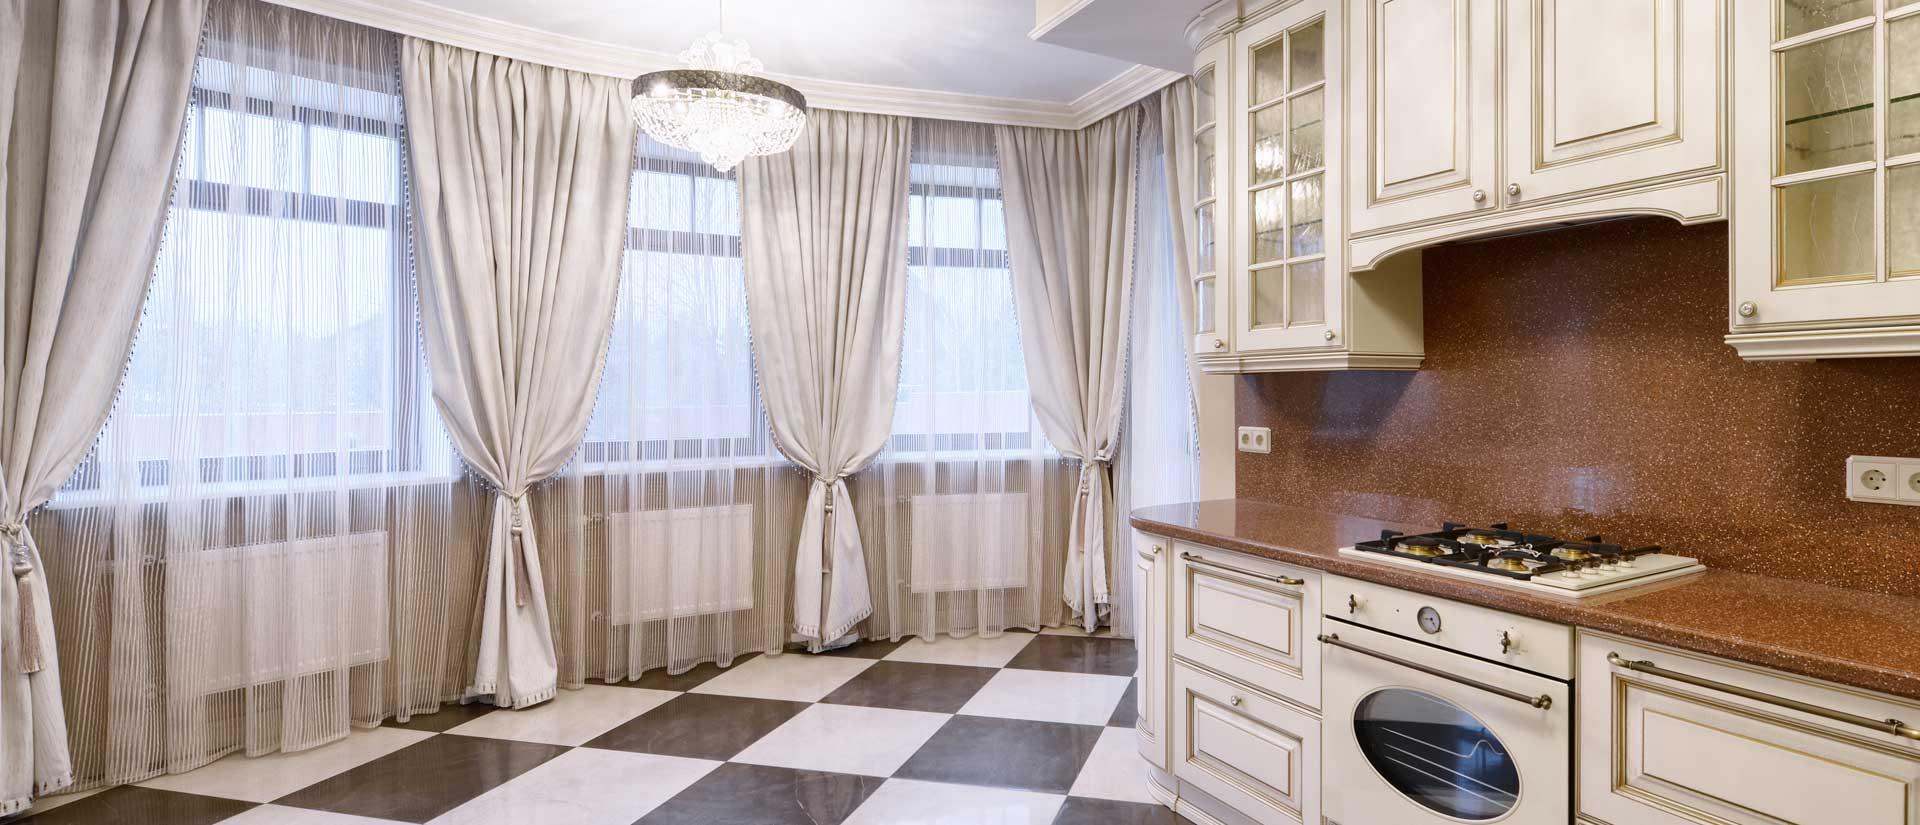 Full Size of Moderne Kchengardinen Bestellen Individuelle Fensterdeko Wohnzimmer Küchenvorhang